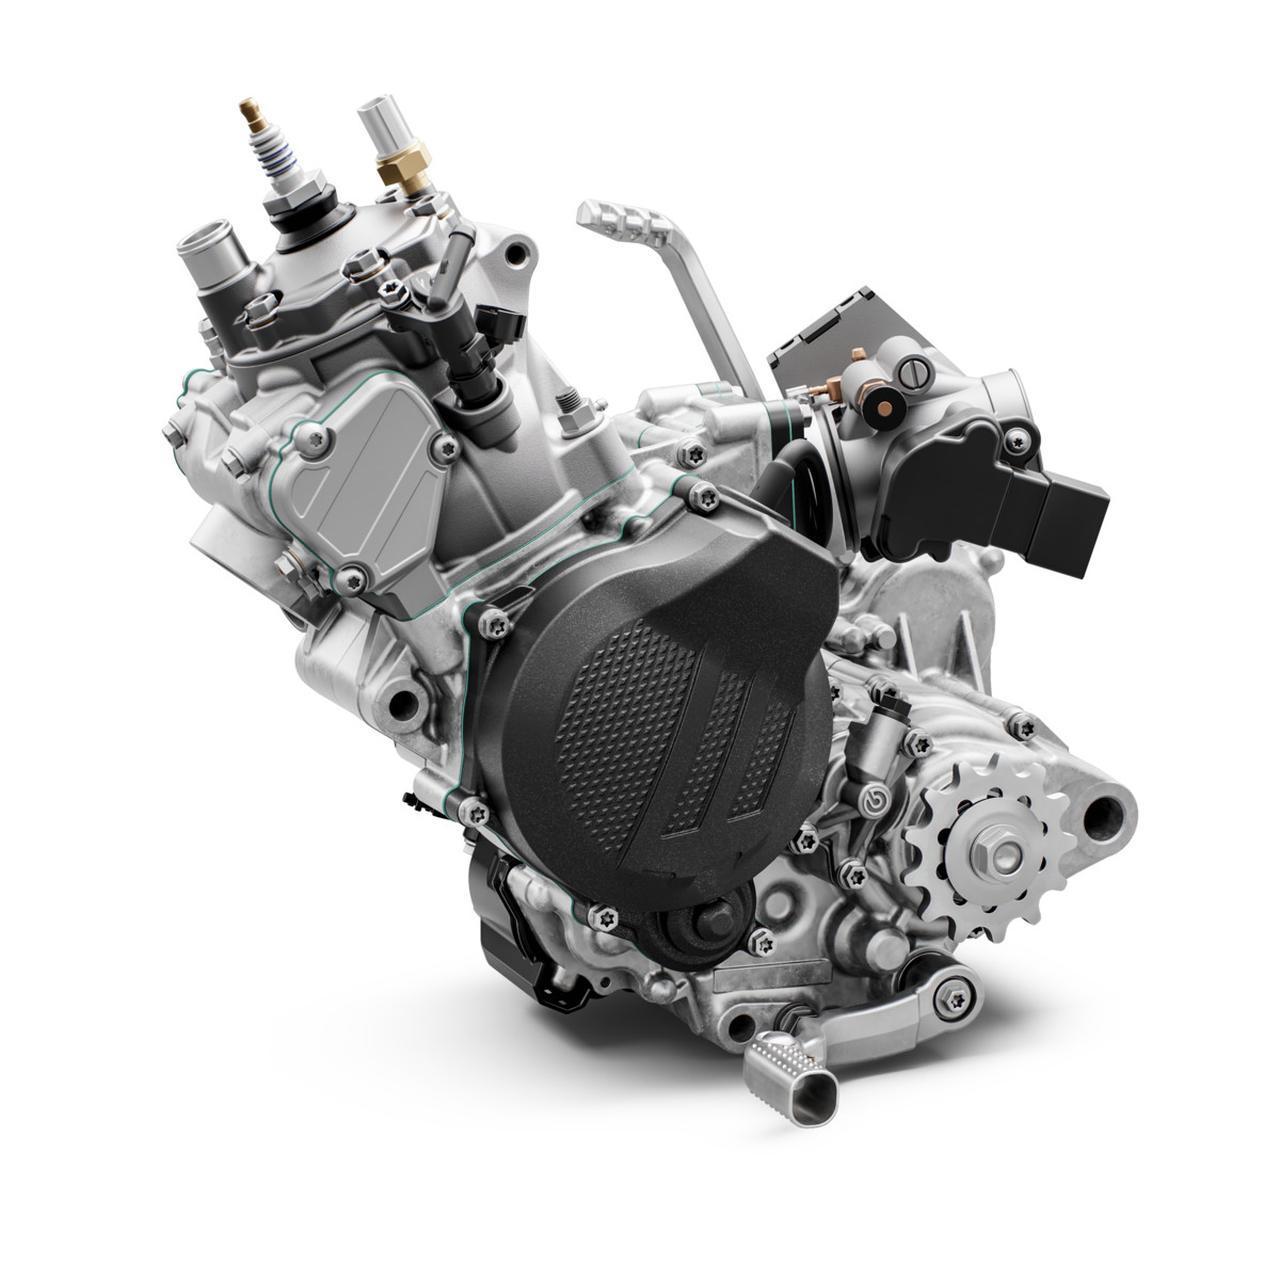 画像: 直噴に近い形で、掃気ポートから燃料を噴射する、独特な機構であるTPI。「トランスファー・ポート・インジェクション」は、このエンデューロにおいて革新的なユニットだ